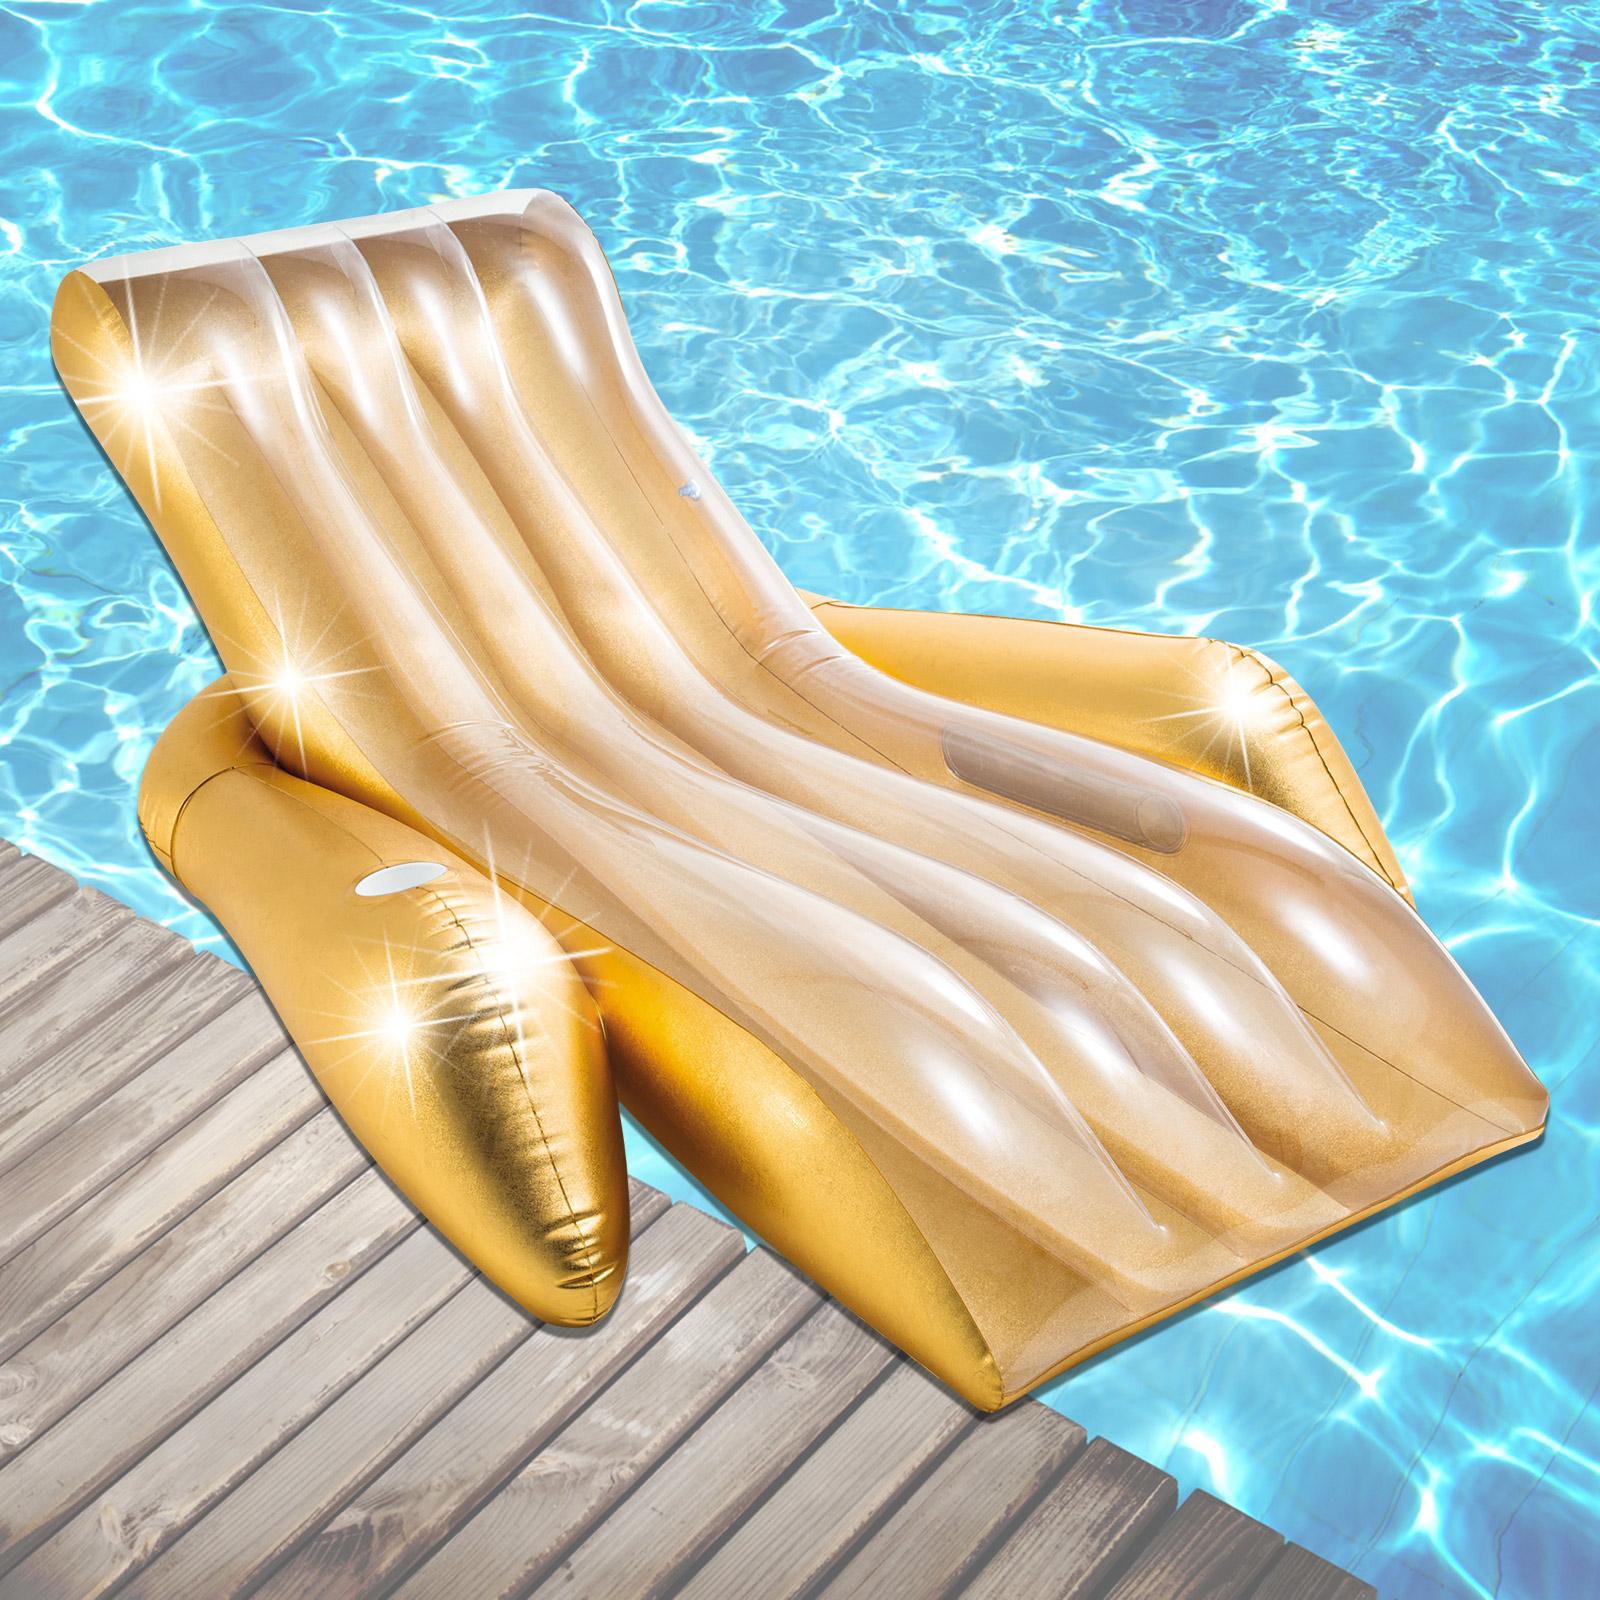 Intex Schwimmliege Pool Liege Sessel Lounge Wasserliege Badeinsel Luftmatratze